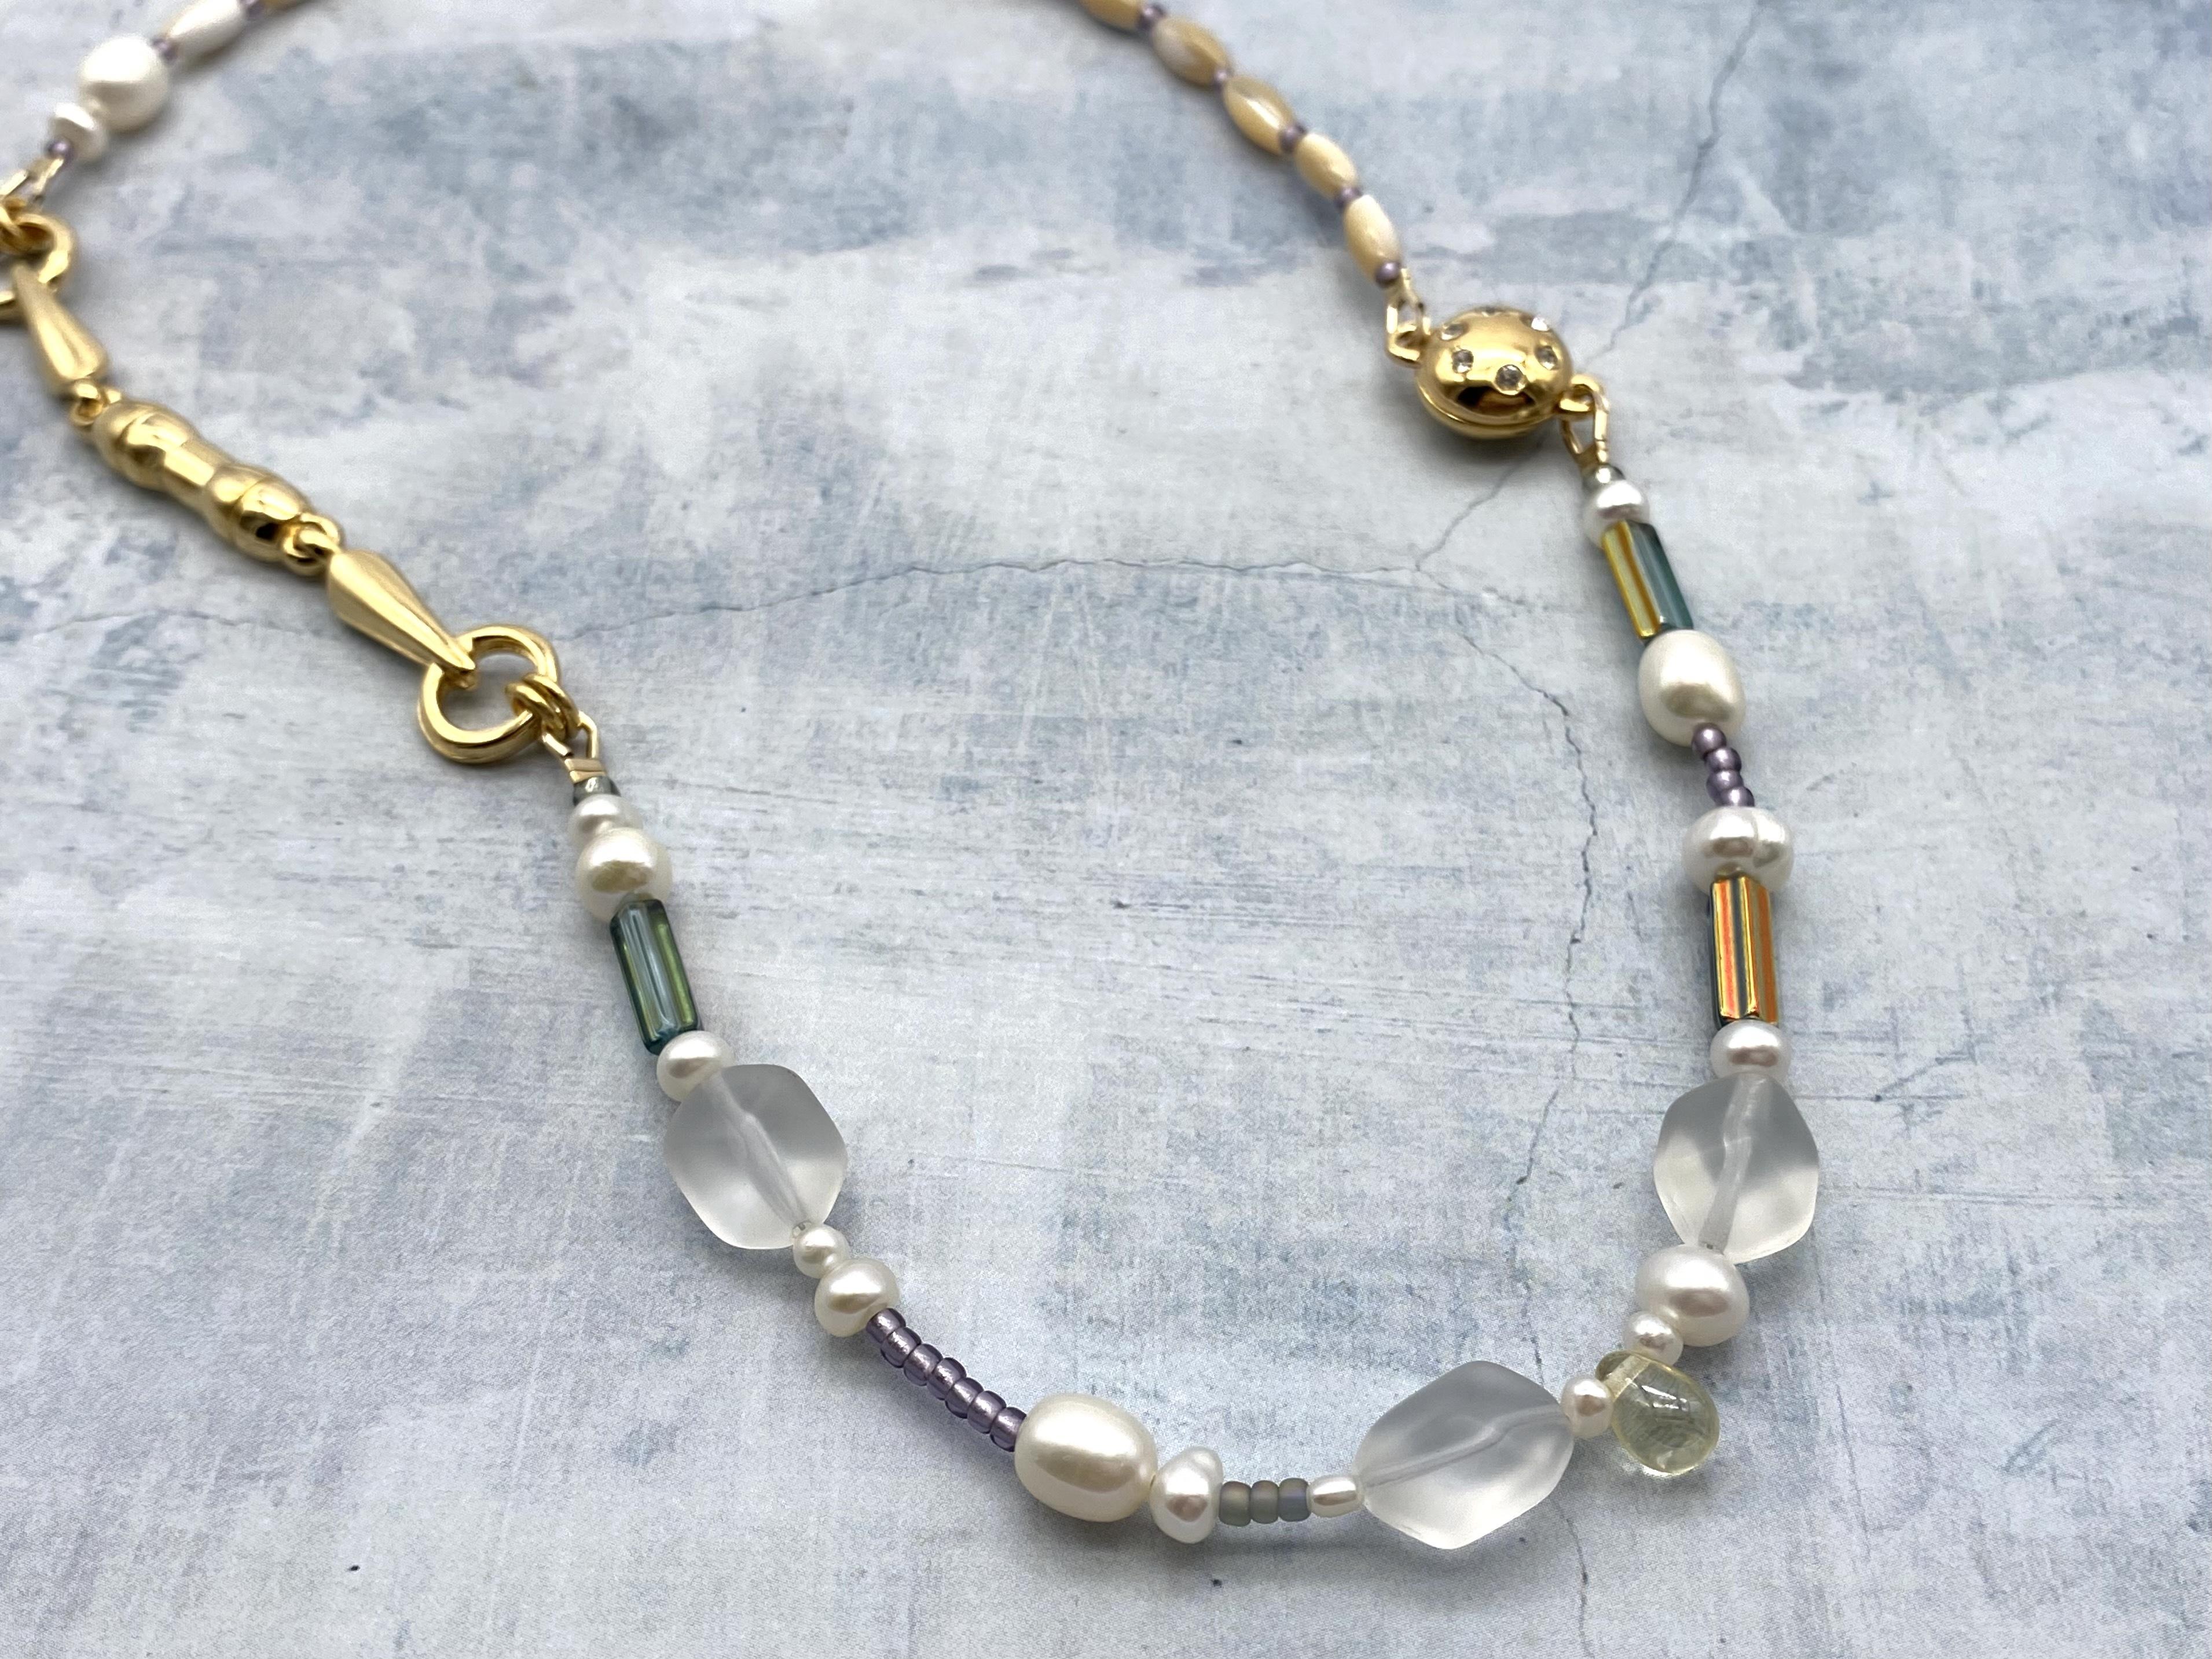 Utopia necklace ー B01 ー